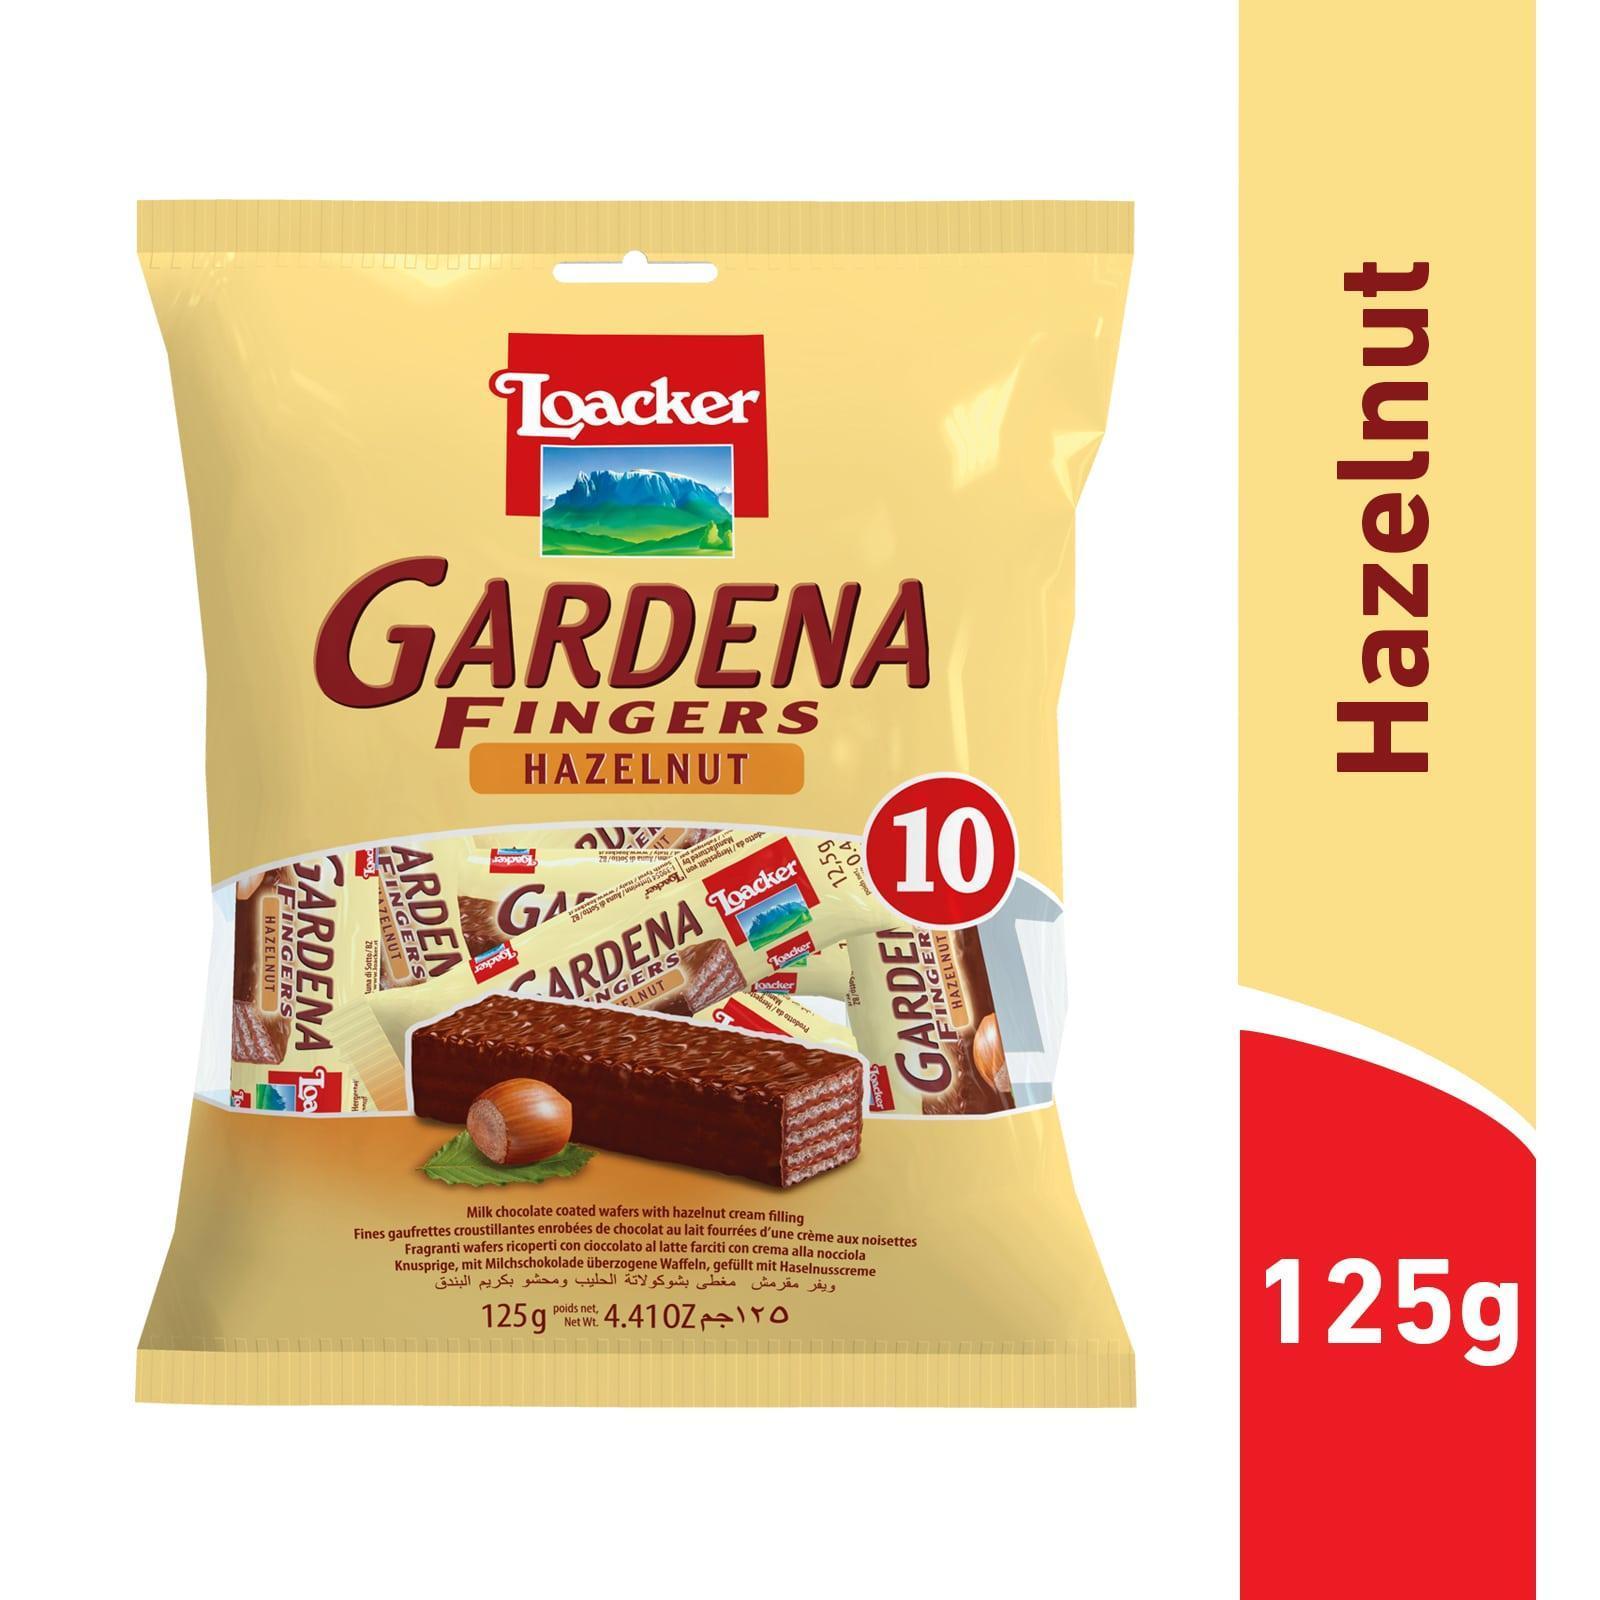 Loacker Gardena Finger Hazelnut Wafer Cookies